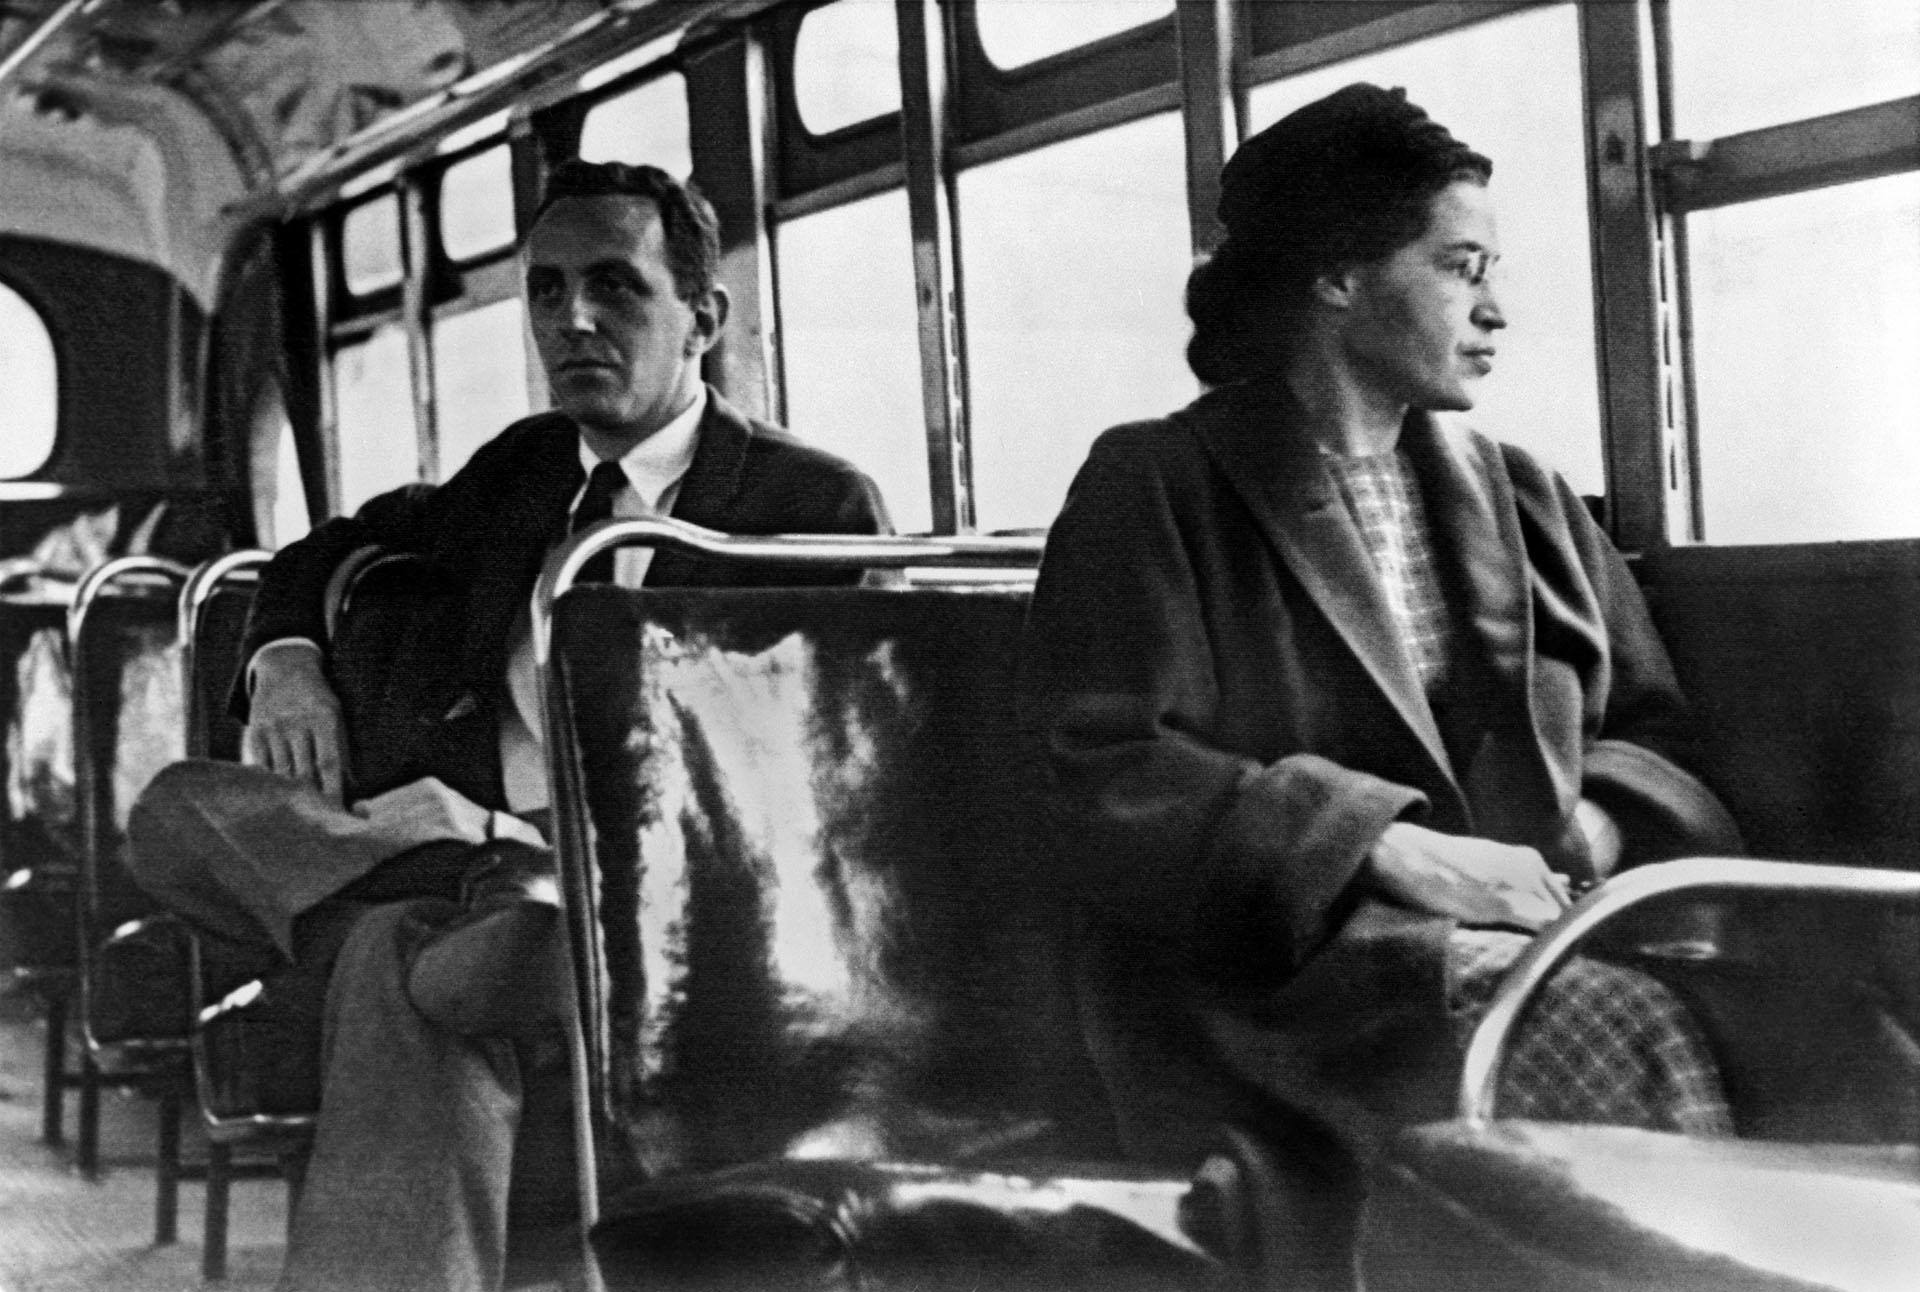 La activista contra la segregación —las leyes Jim Crow— fue una leyenda en vida:Rosa Parks inspiró al movimiento por los derechos civiles. (Photo by Underwood Archives/Getty Images)